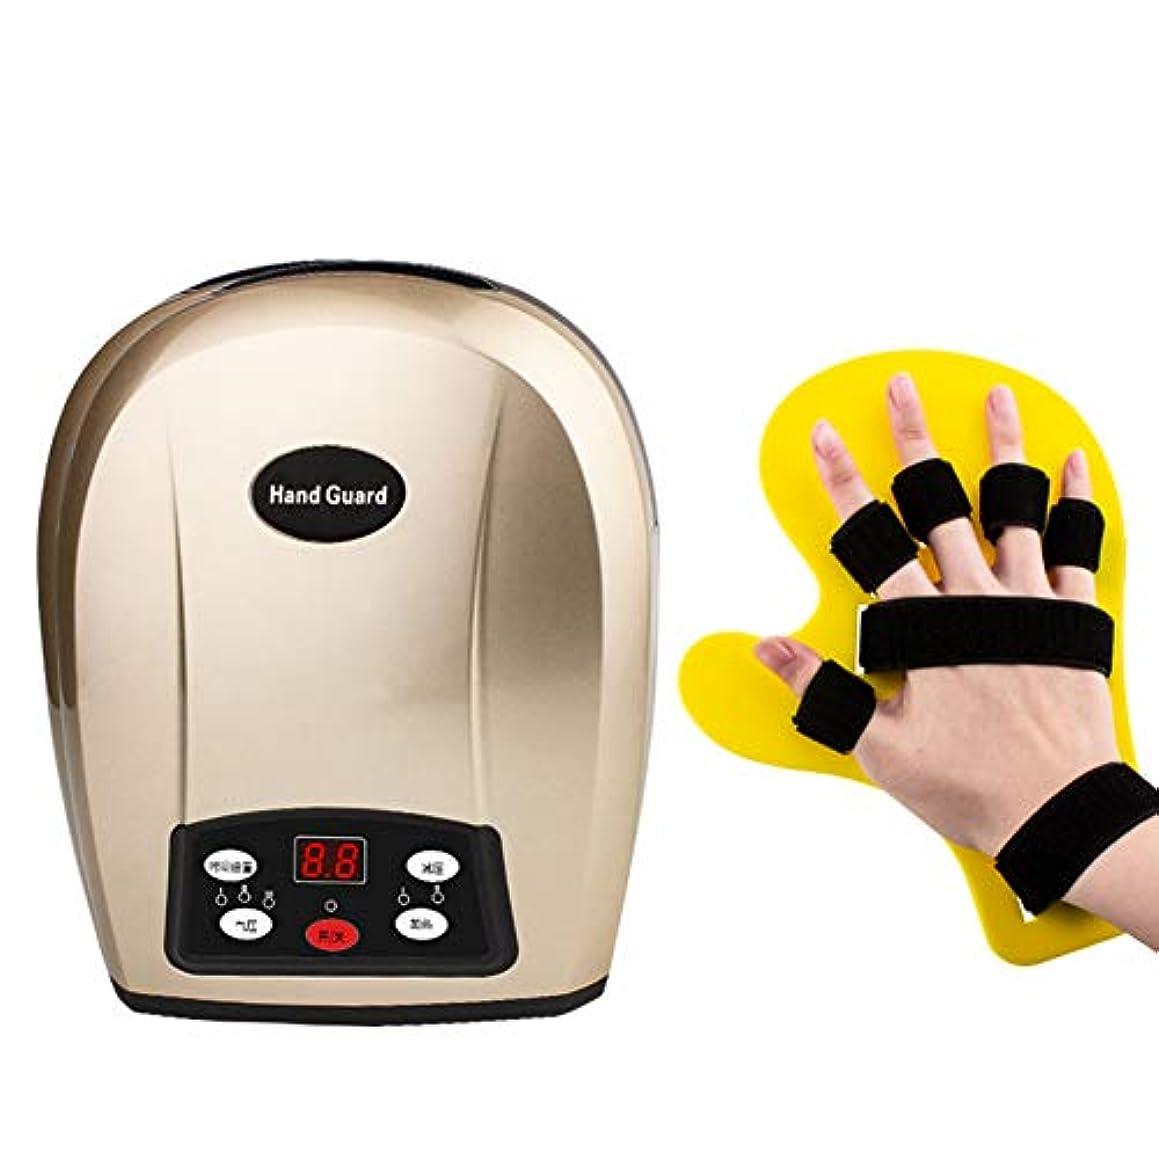 関節炎の鎮痛、調節可能な圧力とタイマーのための混練と熱療法を備えた電動ハンドマッサージ器,MassagerAndFingerSeparator